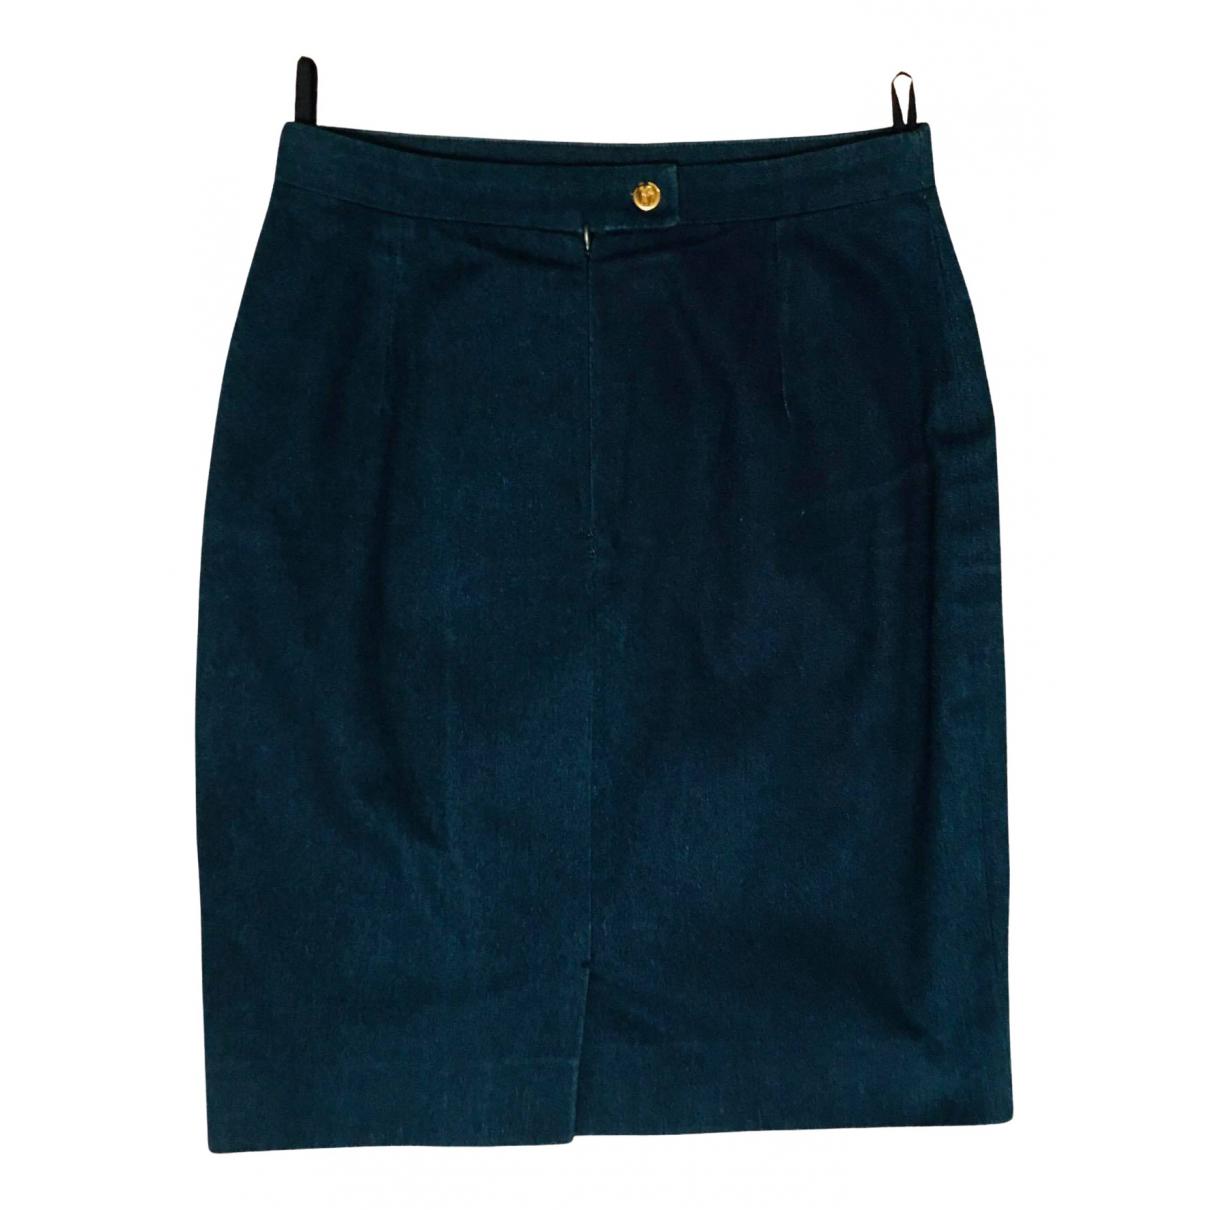 Burberry - Jupe   pour femme en denim - bleu